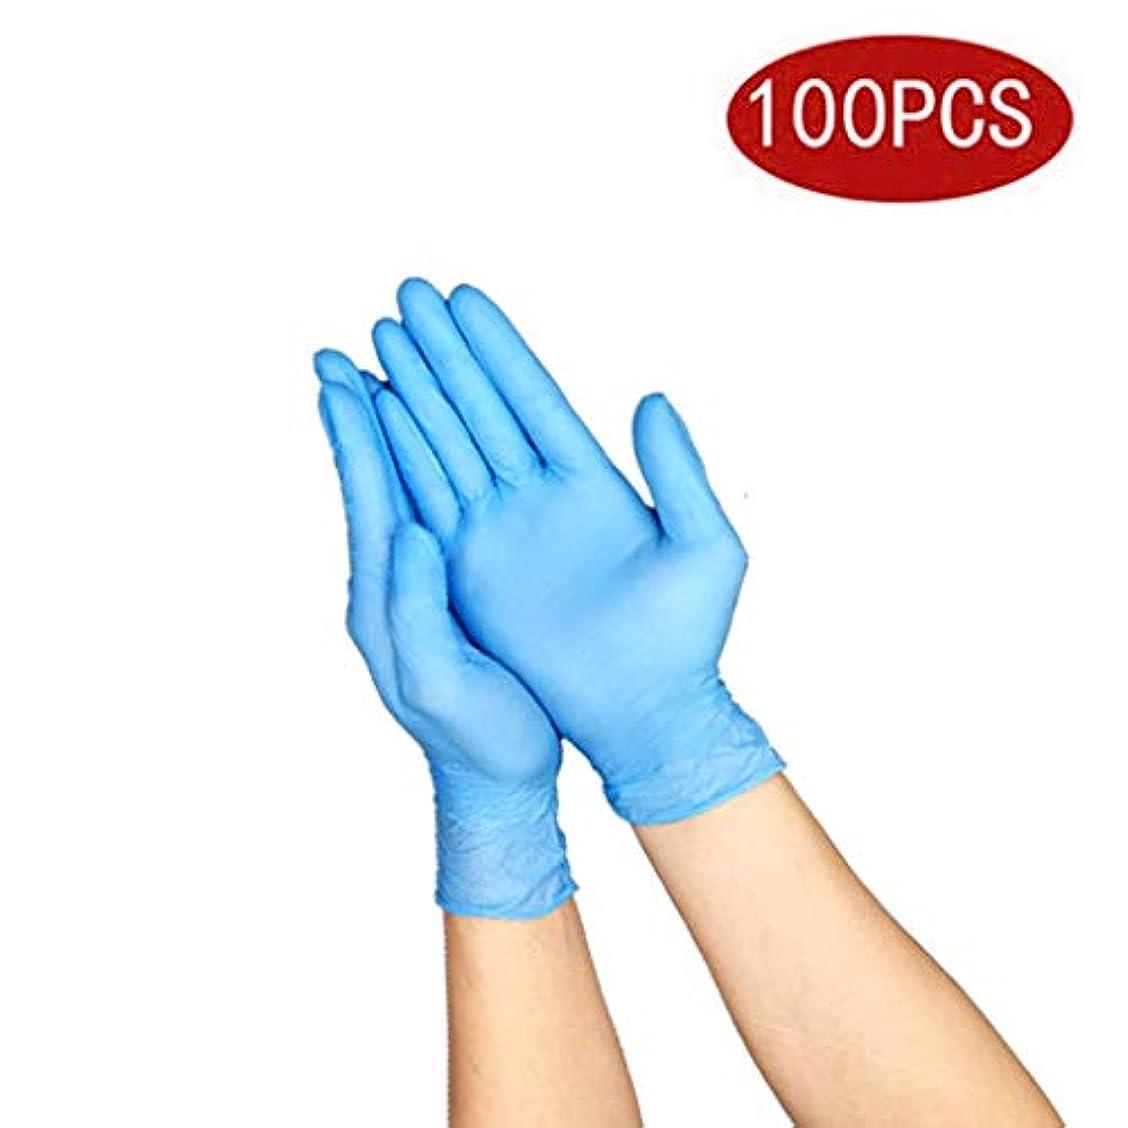 雇うにもかかわらず偽装する9インチ使い捨てニトリル手袋ラテックス手袋100のラバー食品グレードホームペットケアボックス (Size : L)